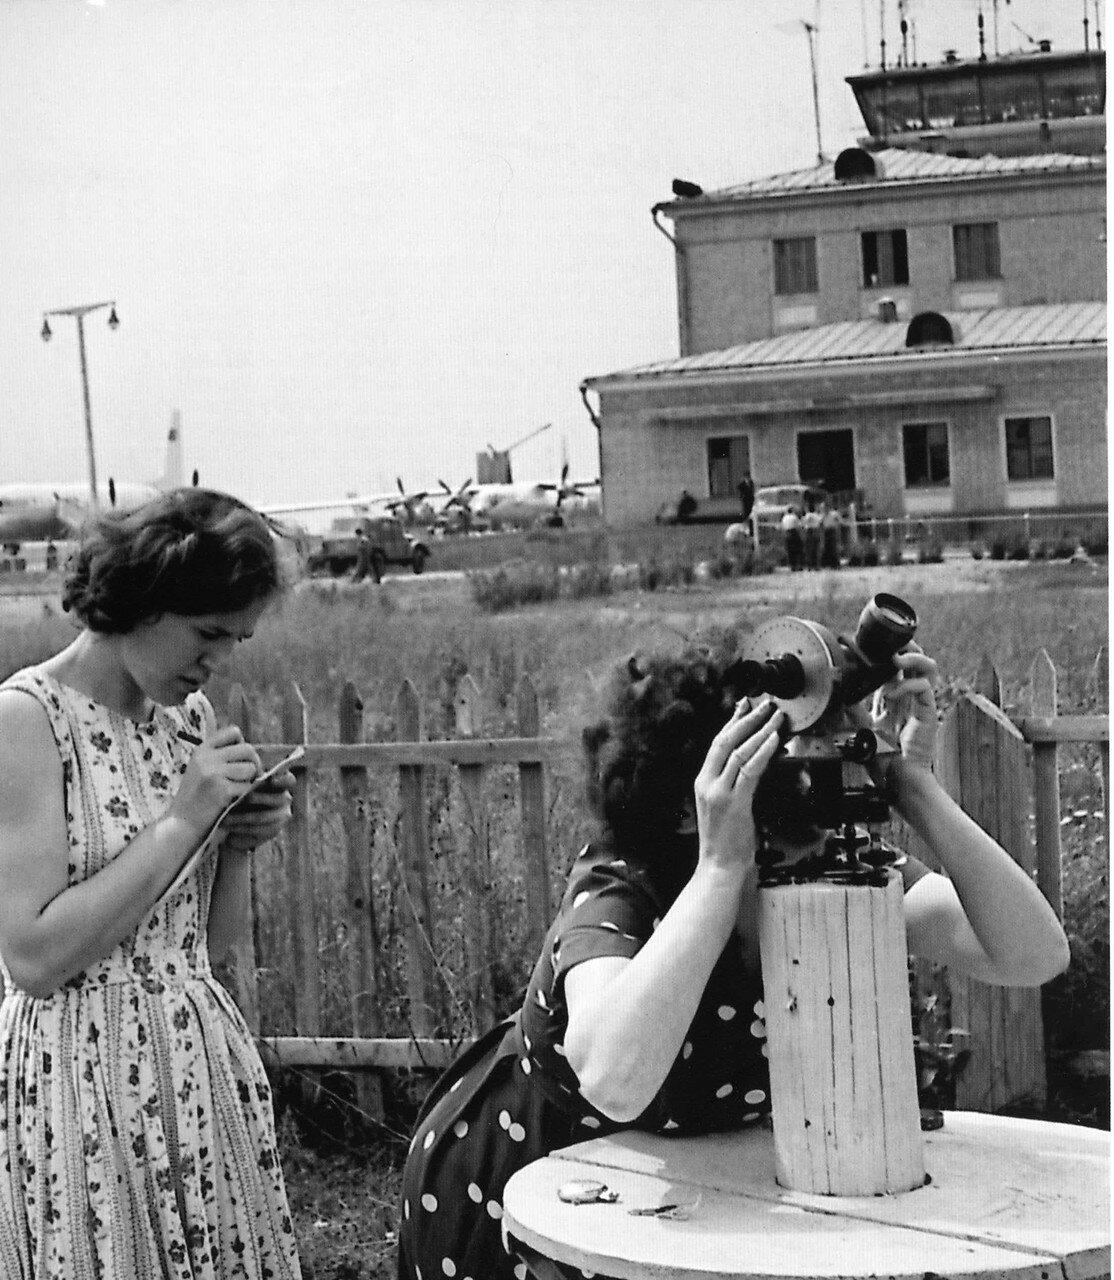 1960-1970. Аэропорт «Шереметьево»